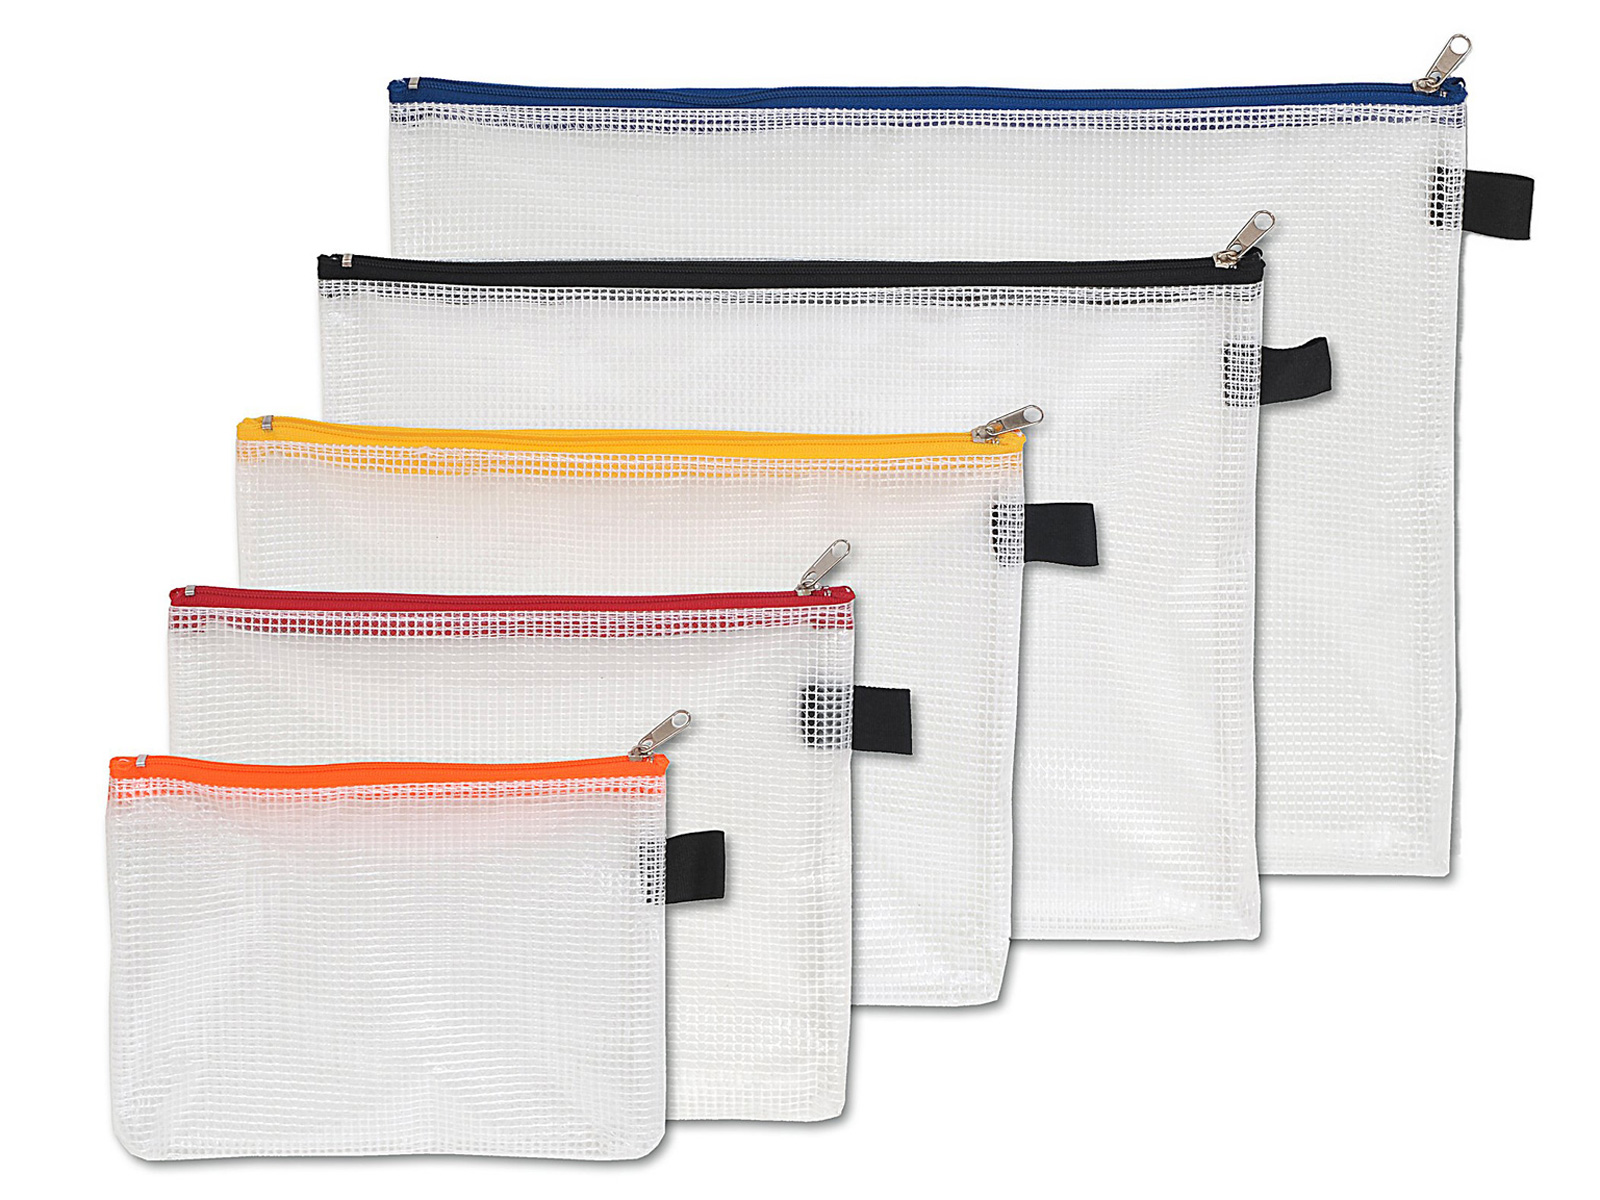 Utensilientasche aus gewebeverstärktem Kunststoff (PVC) mit Reißverschluss